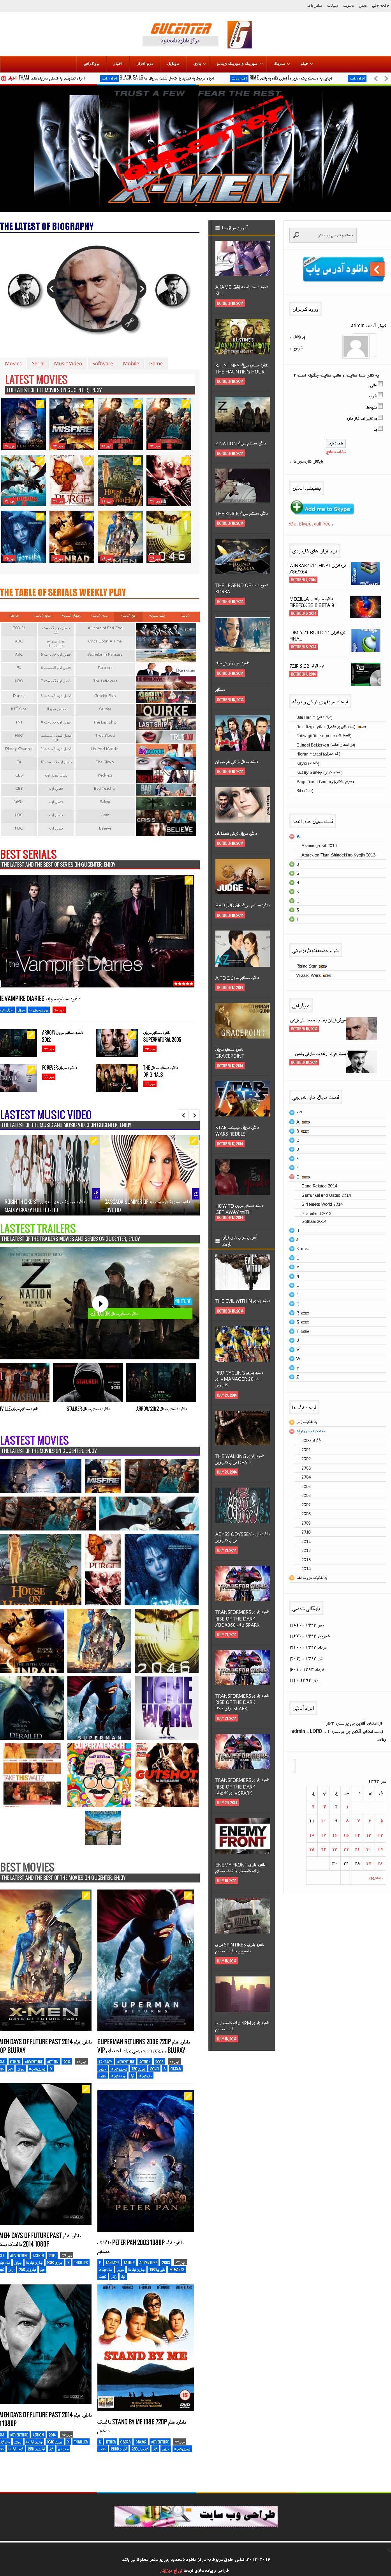 قالب جدید وب سایت جی یو سنتر